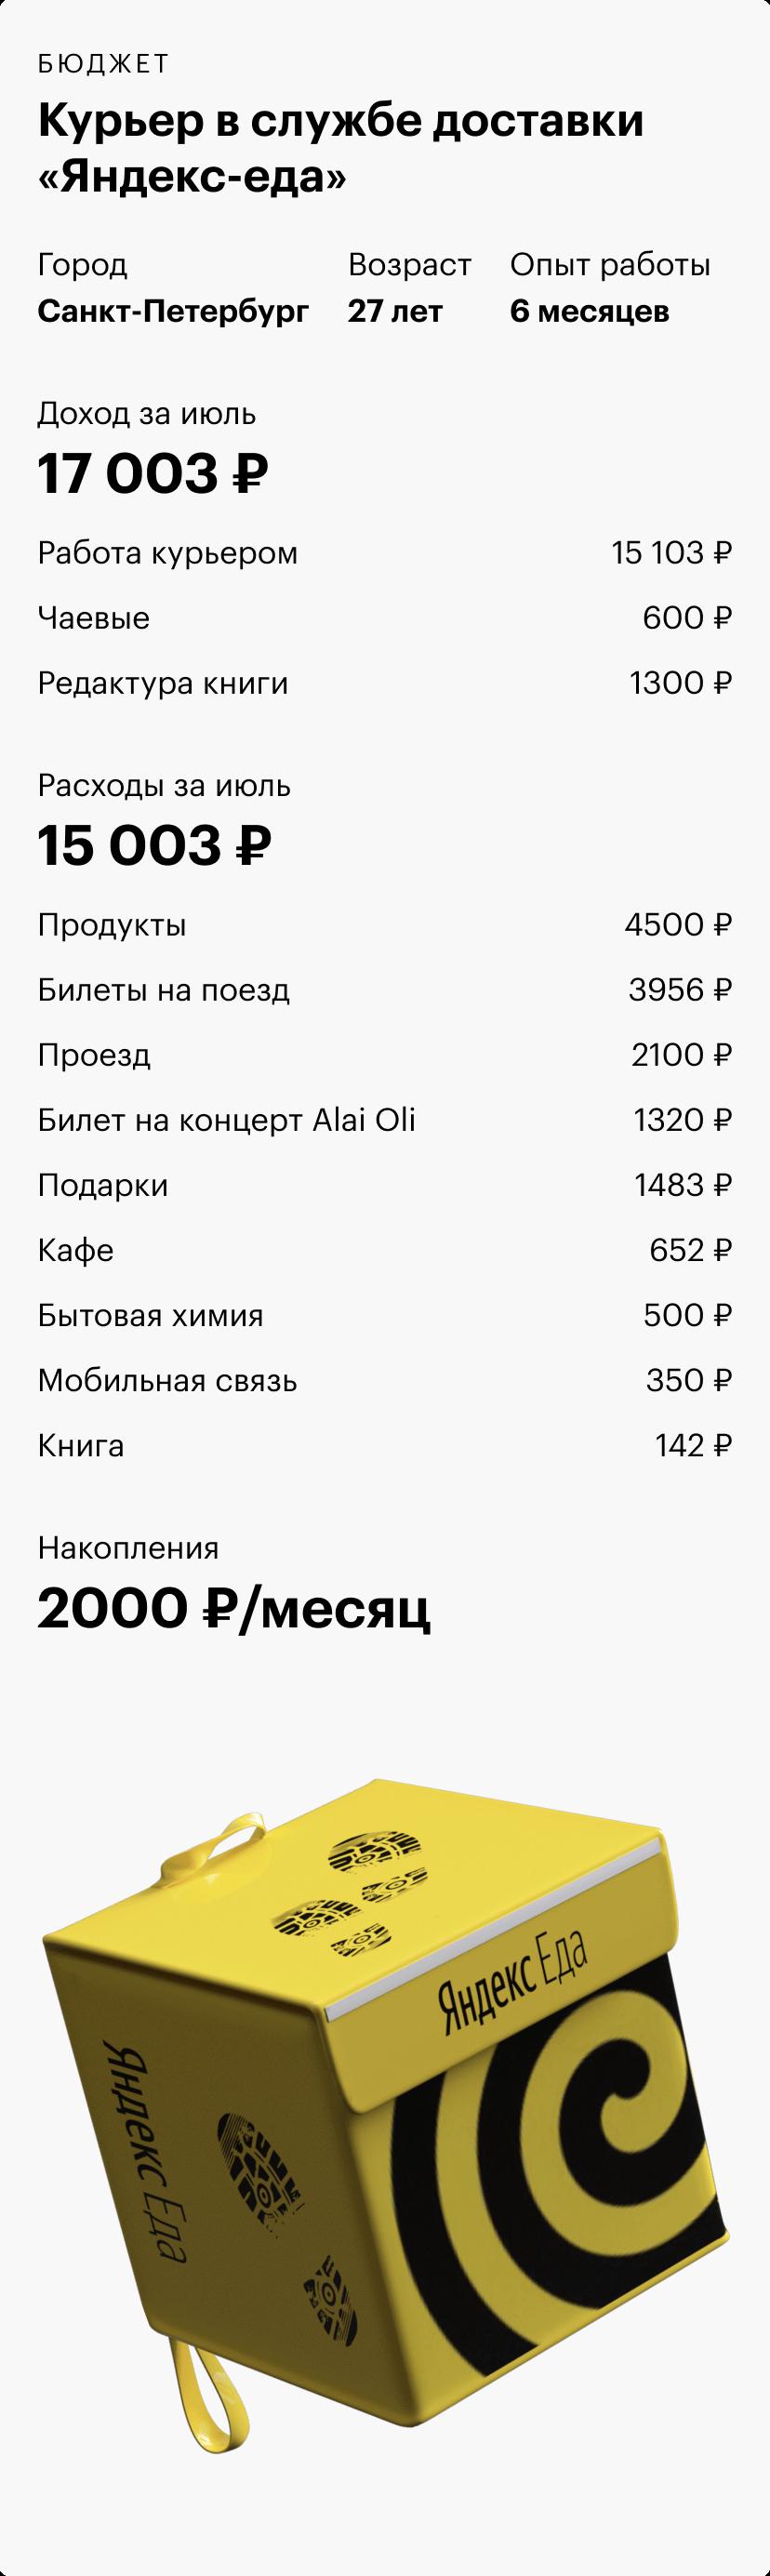 Рефинансирование кредита альфа банк отзывы 2020